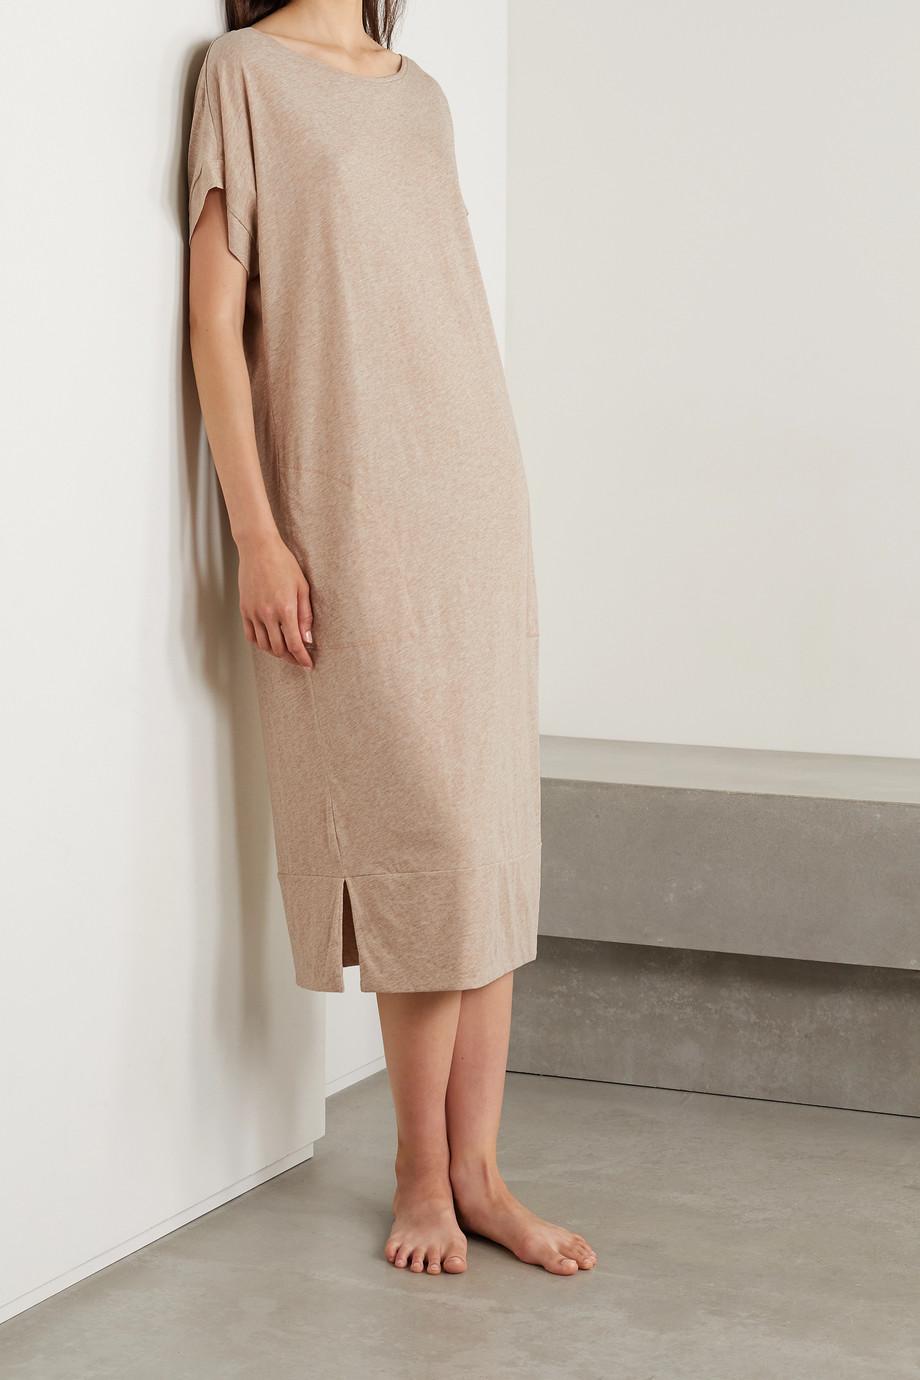 Skin + NET SUSTAIN Cezanne Nachthemd aus Bio-Pima-Baumwoll-Jersey